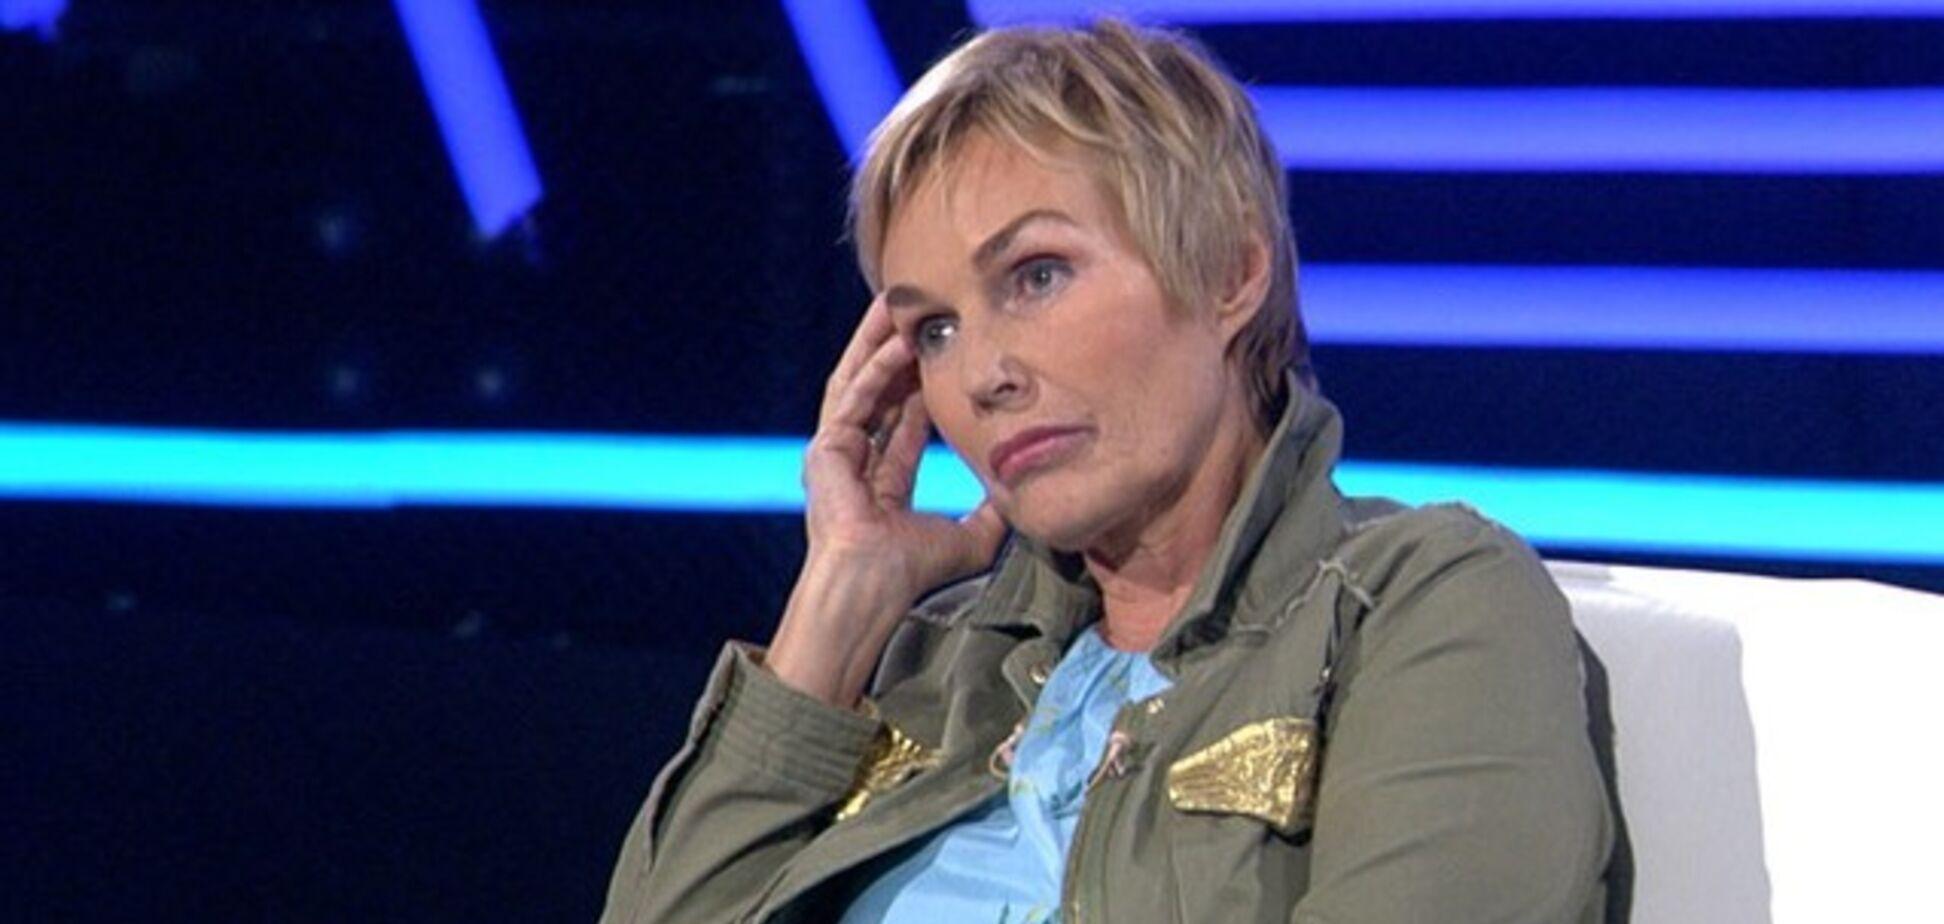 'Ви всі хворі!' Андрейченко, яка зникла в джунглях, влаштувала сцену в мережі